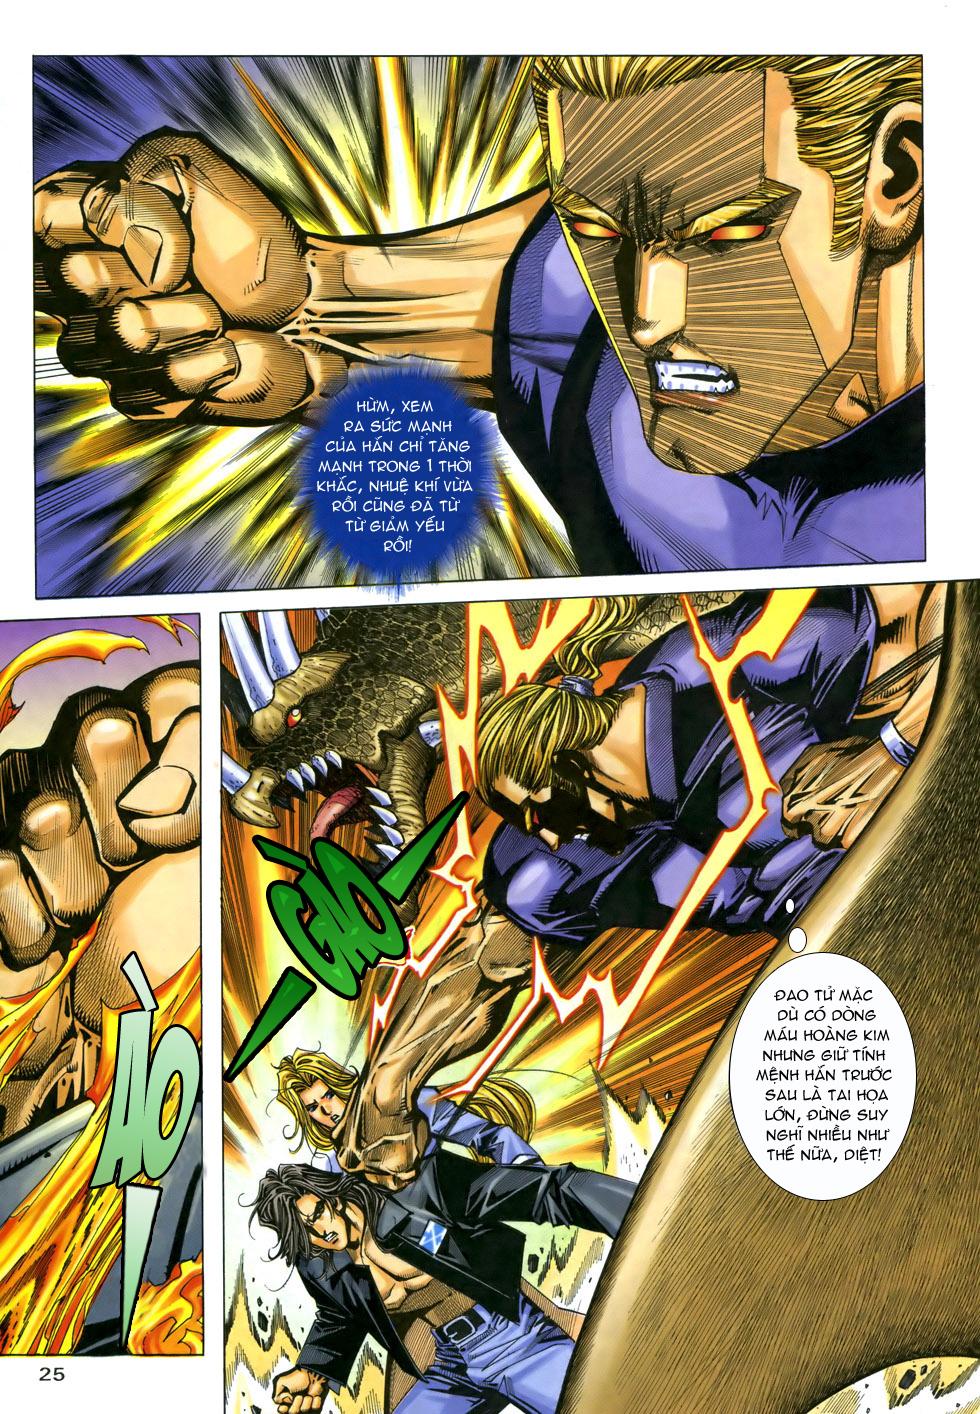 X Bạo Tộc chap 33 - Trang 25